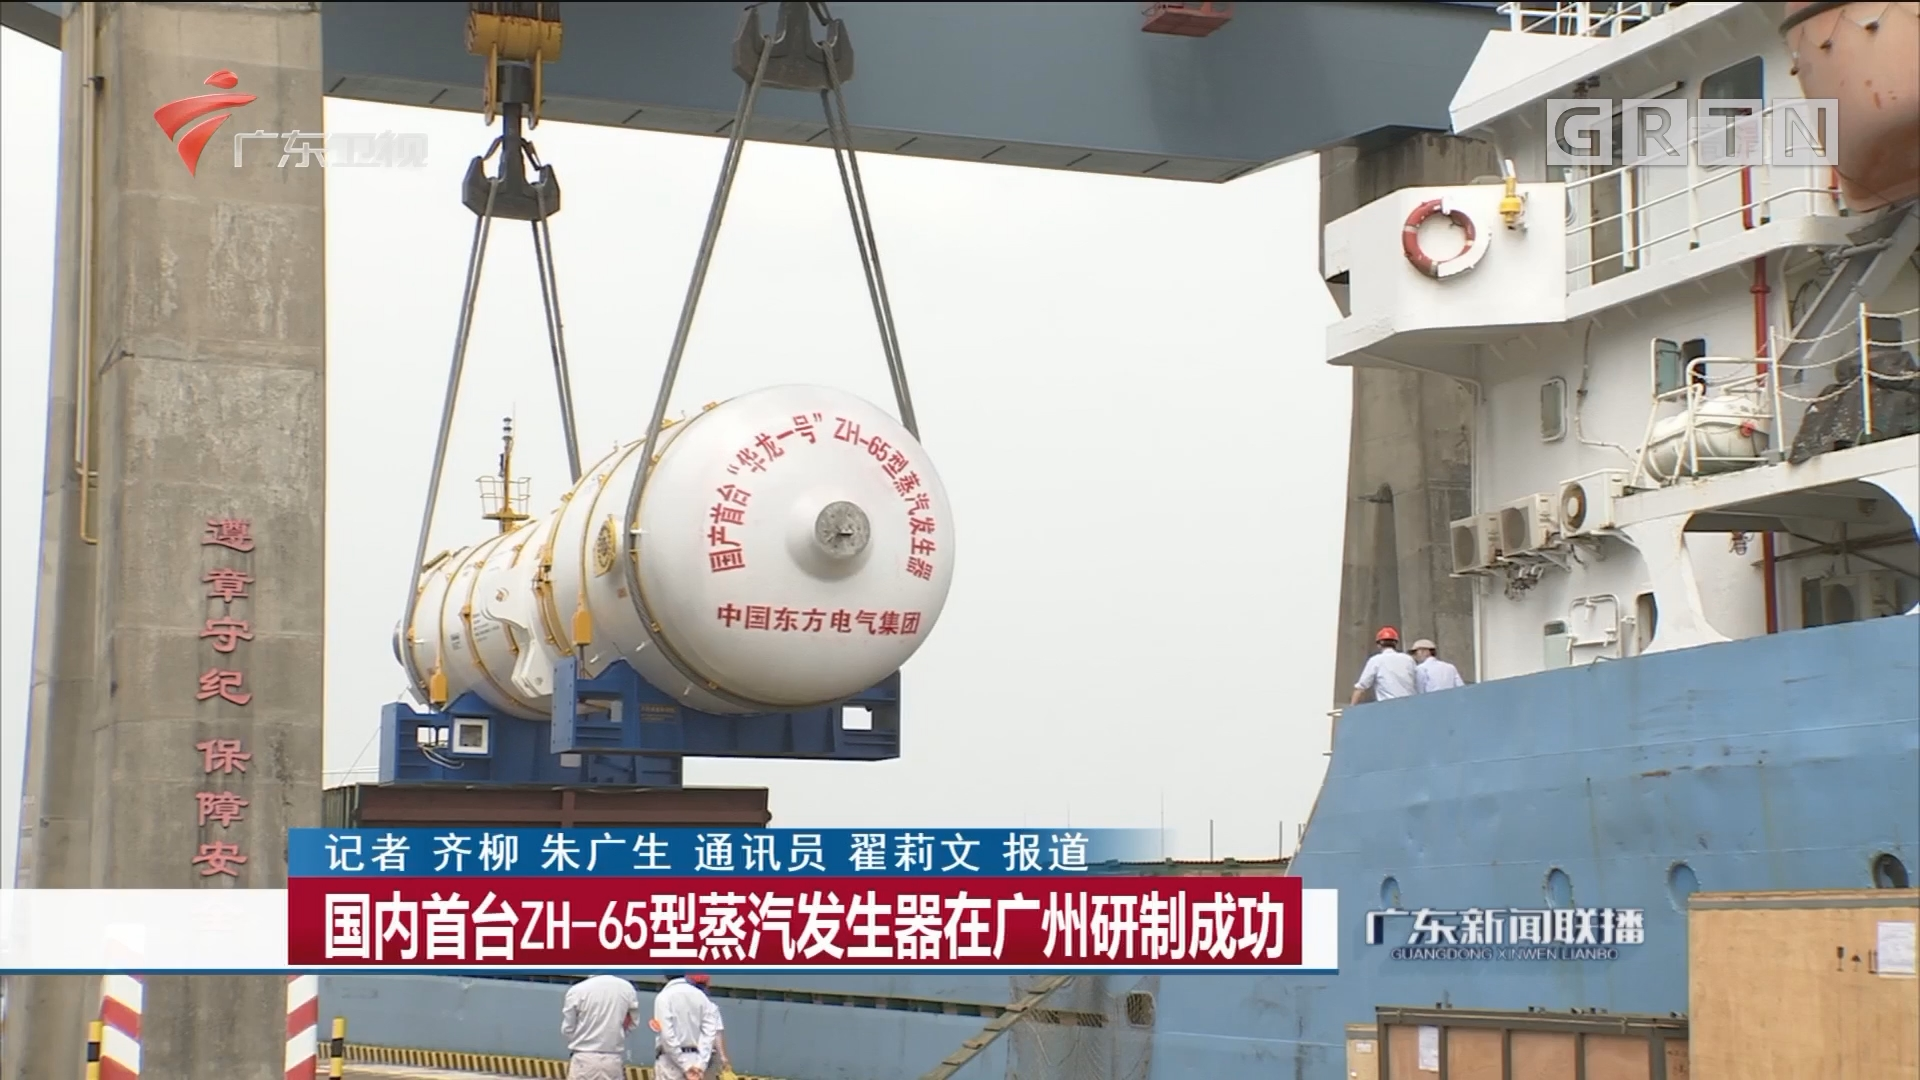 国内首台ZH-65型蒸汽发生器在广州研制成功